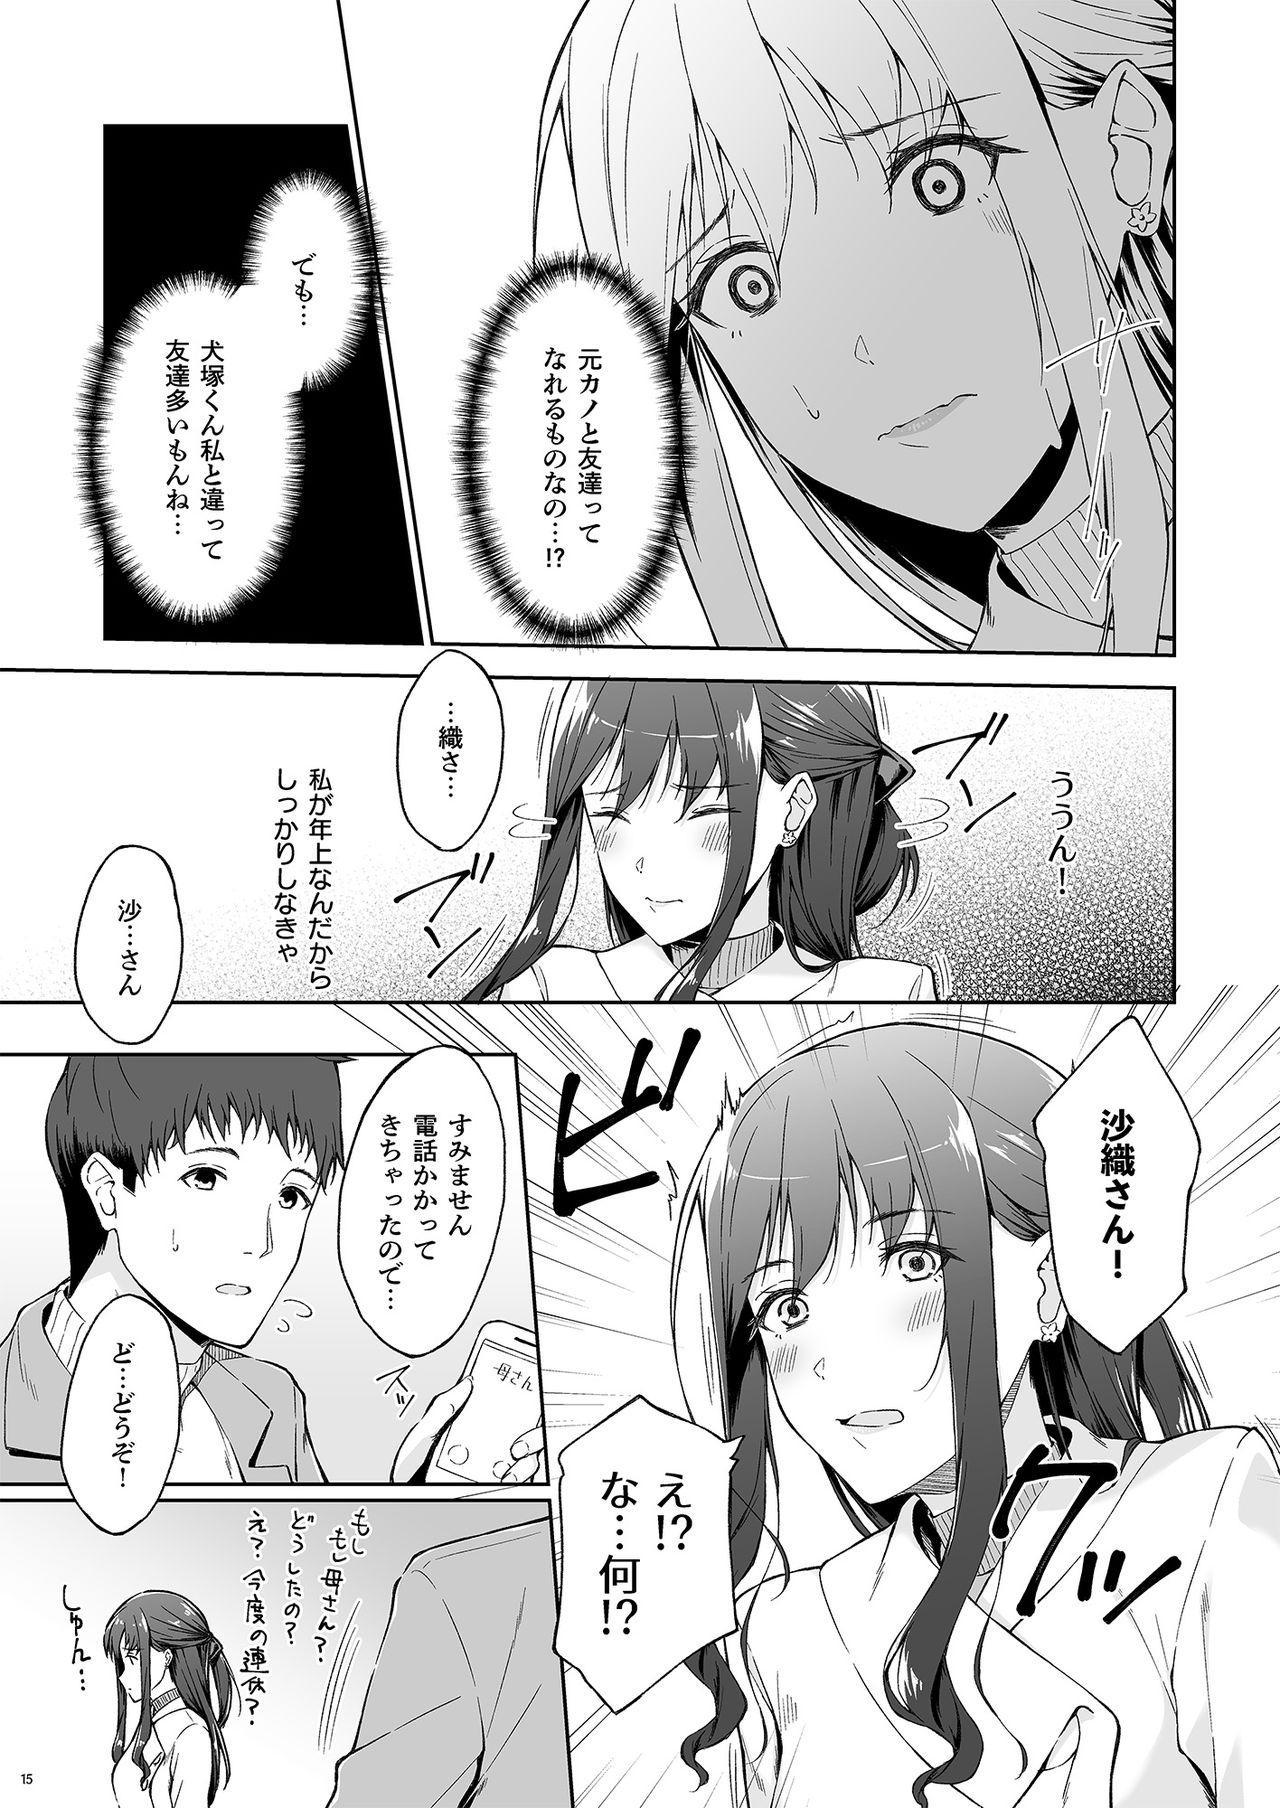 Kyuujitsu no Joushi ni wa, Kawaii Himitsu ga Aru. 2 12